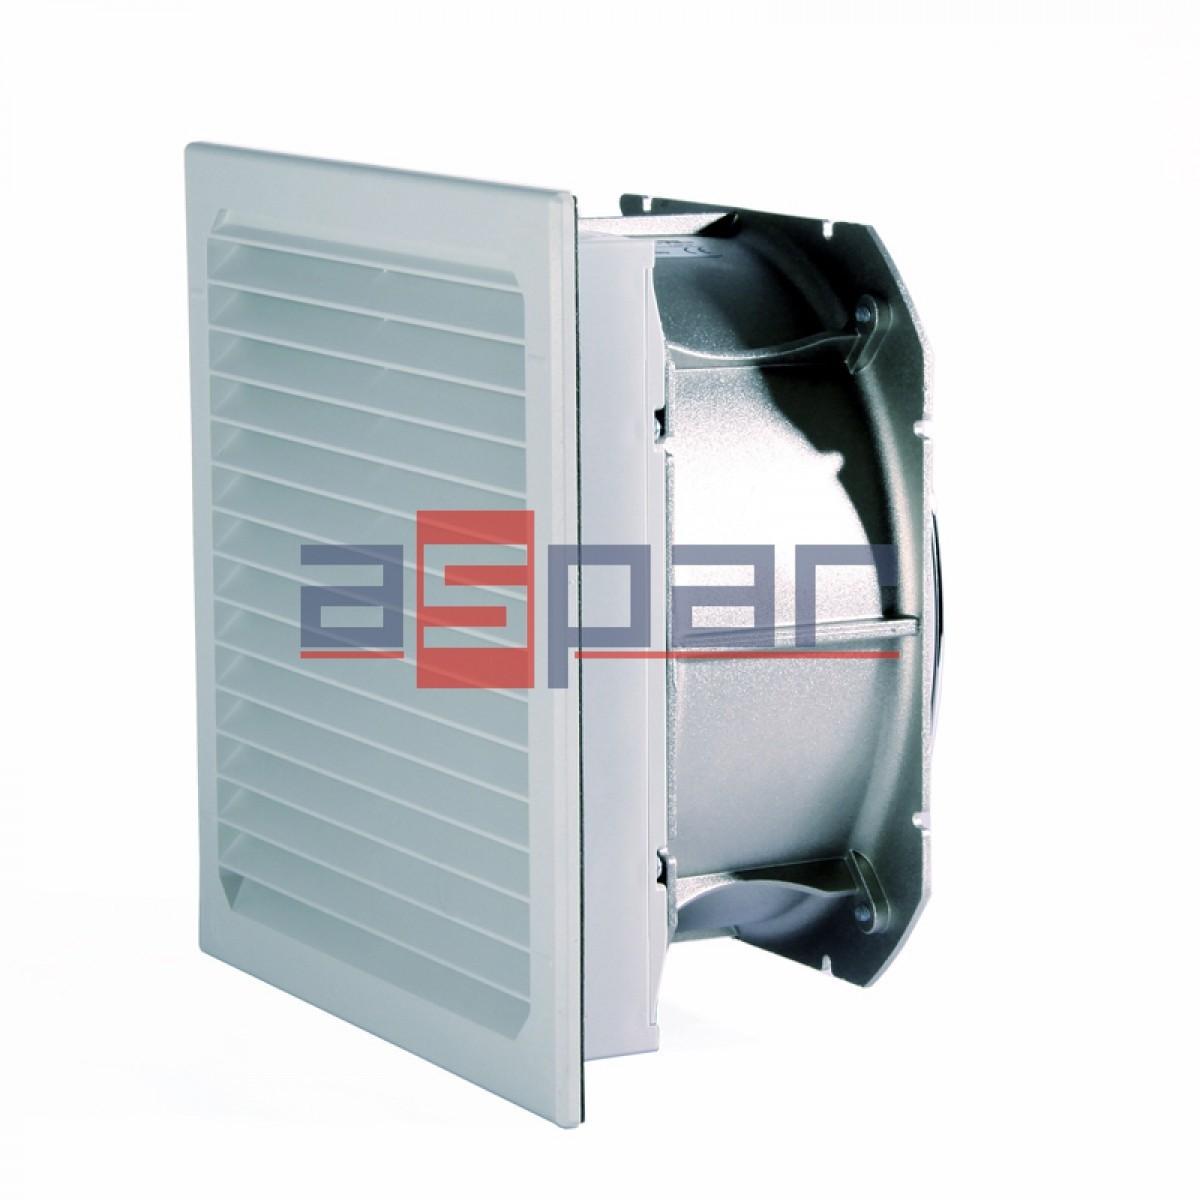 LV 550 230VAC - filter fan, 250 x 250mm